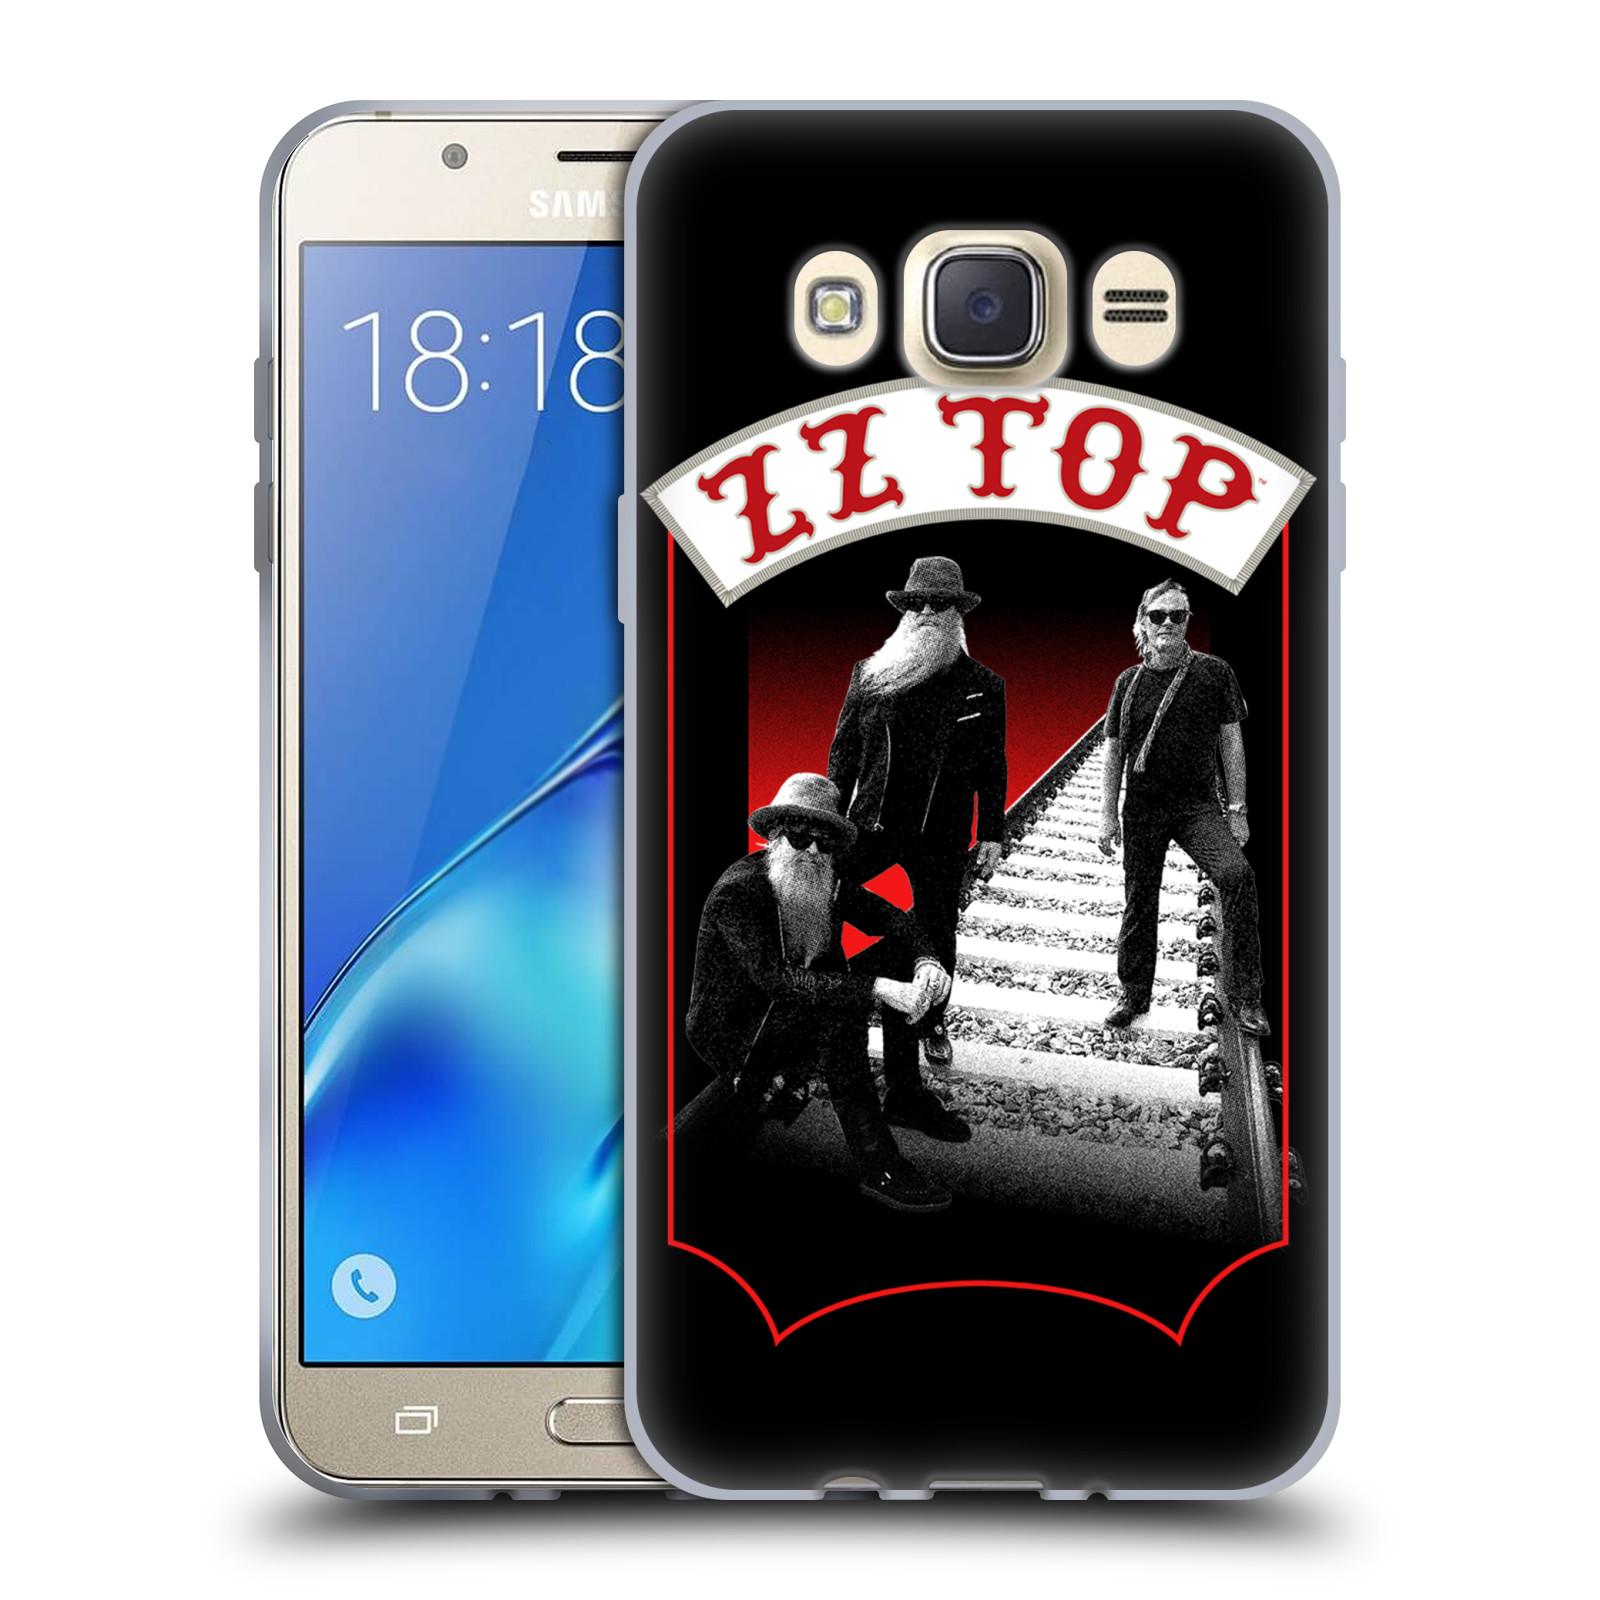 HEAD CASE silikonový obal na mobil Samsung Galaxy J7 2016 ZZ Top koleje zpěváci